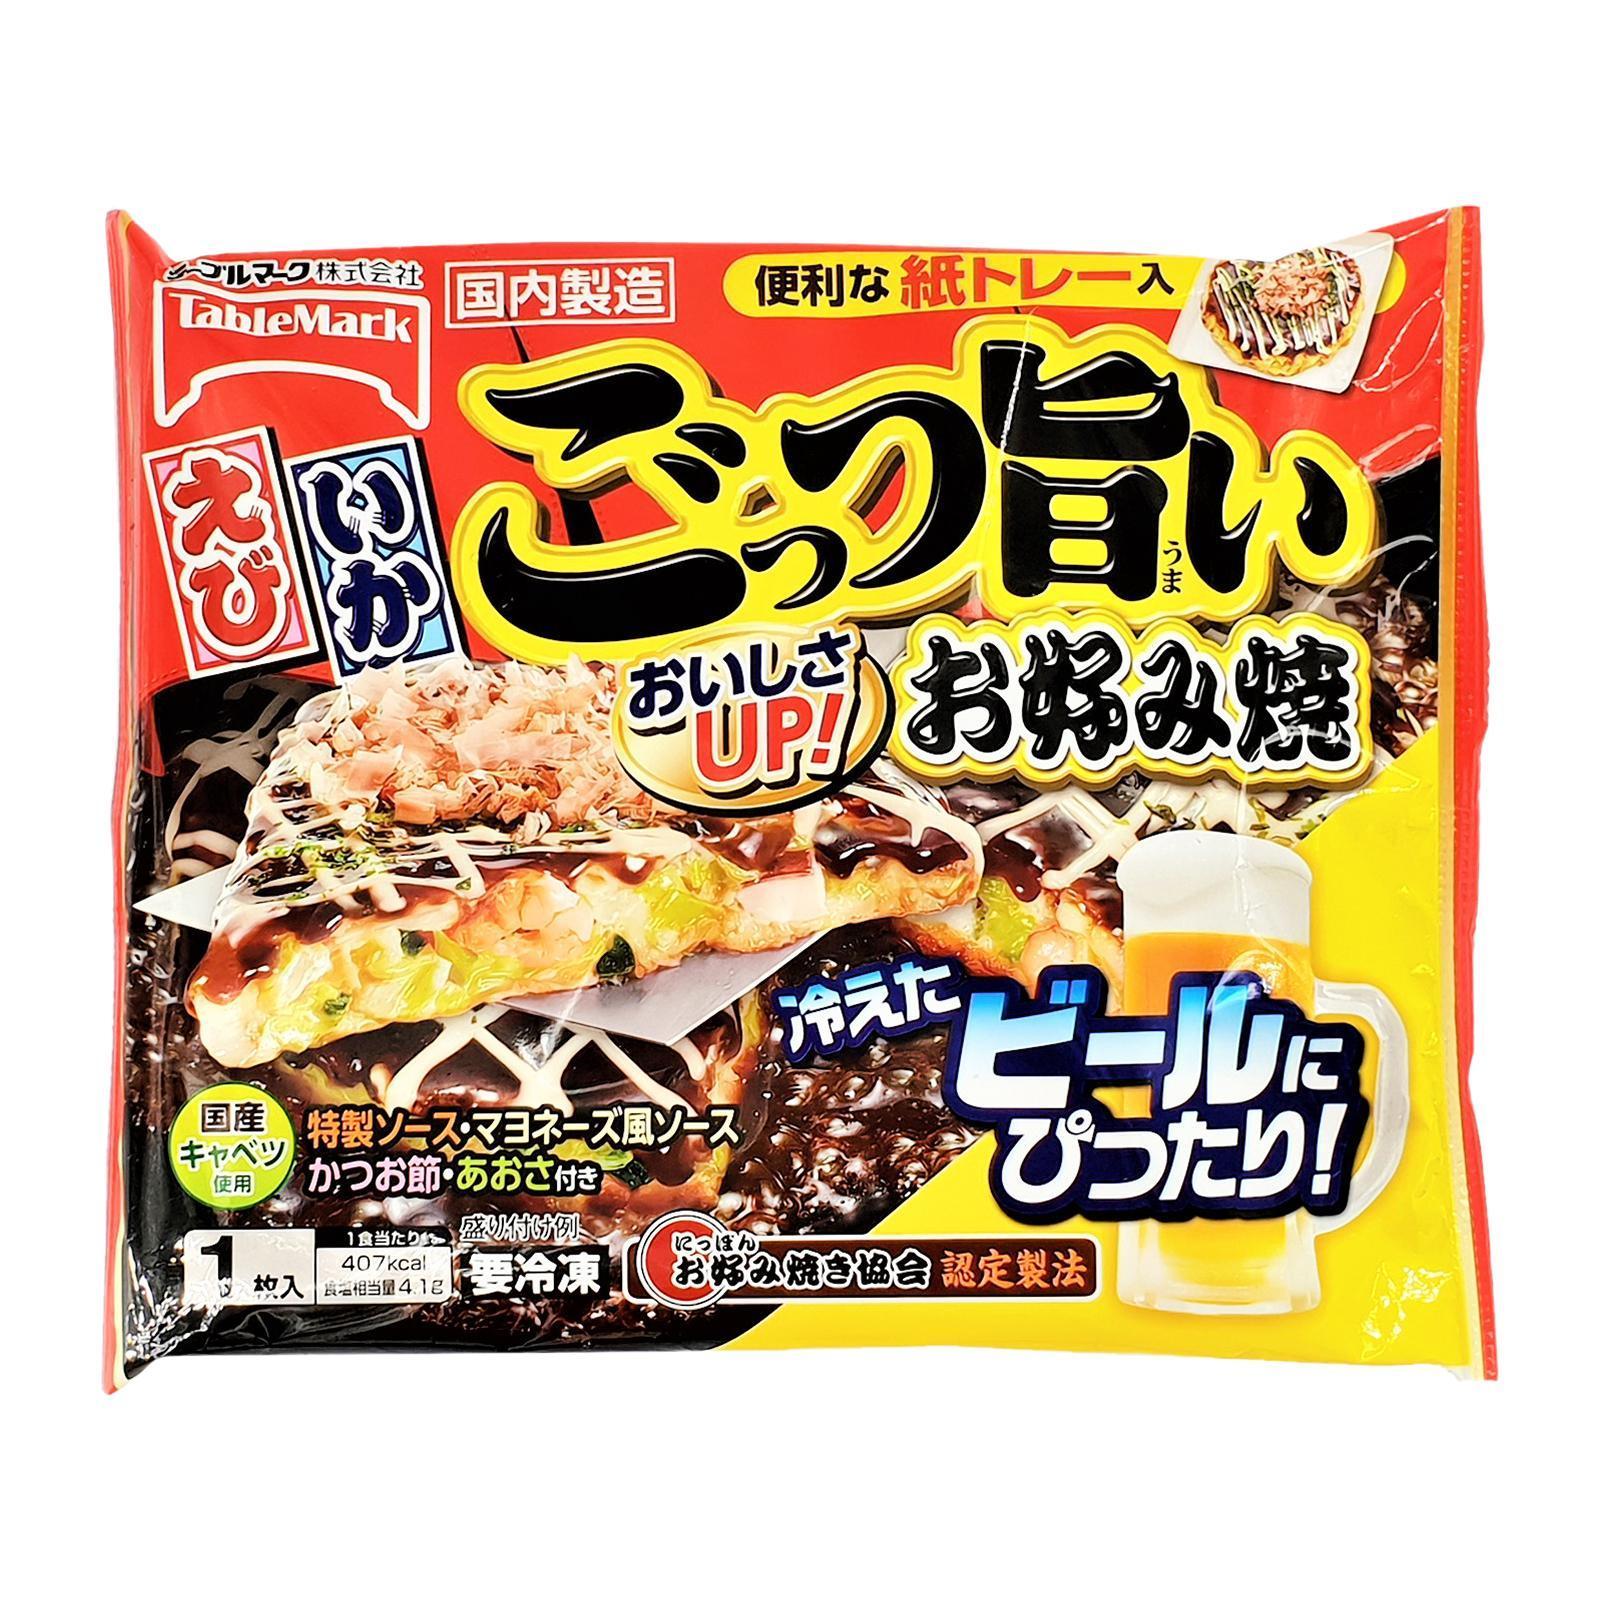 Tablemark Savoury Japanese Style Pancakes Okonomiyaki - Frozen